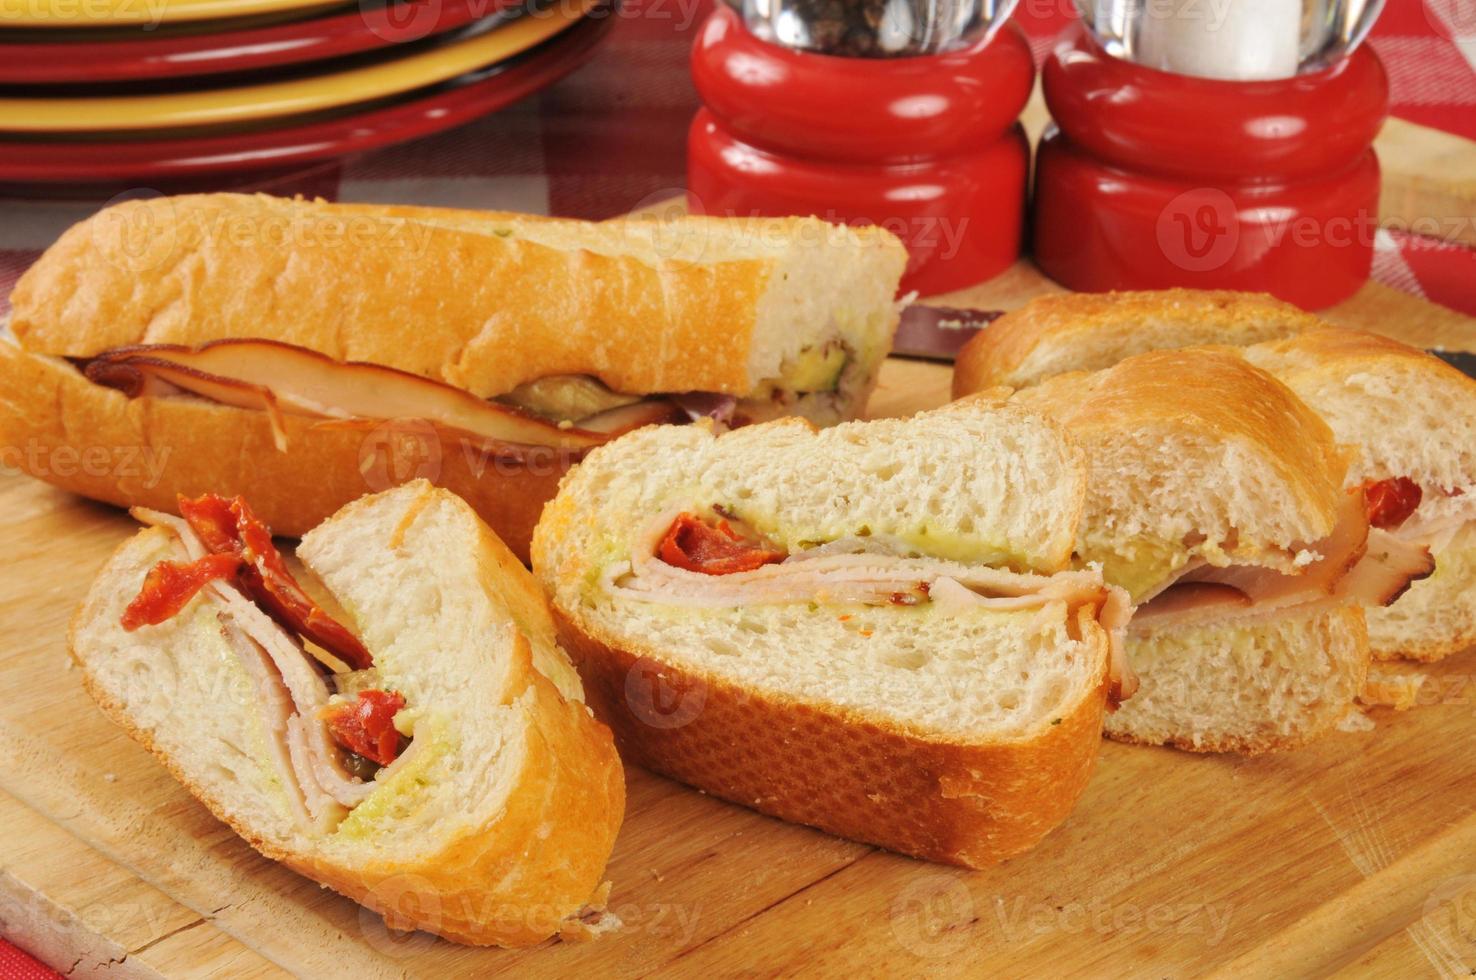 gesneden kalkoensandwich foto